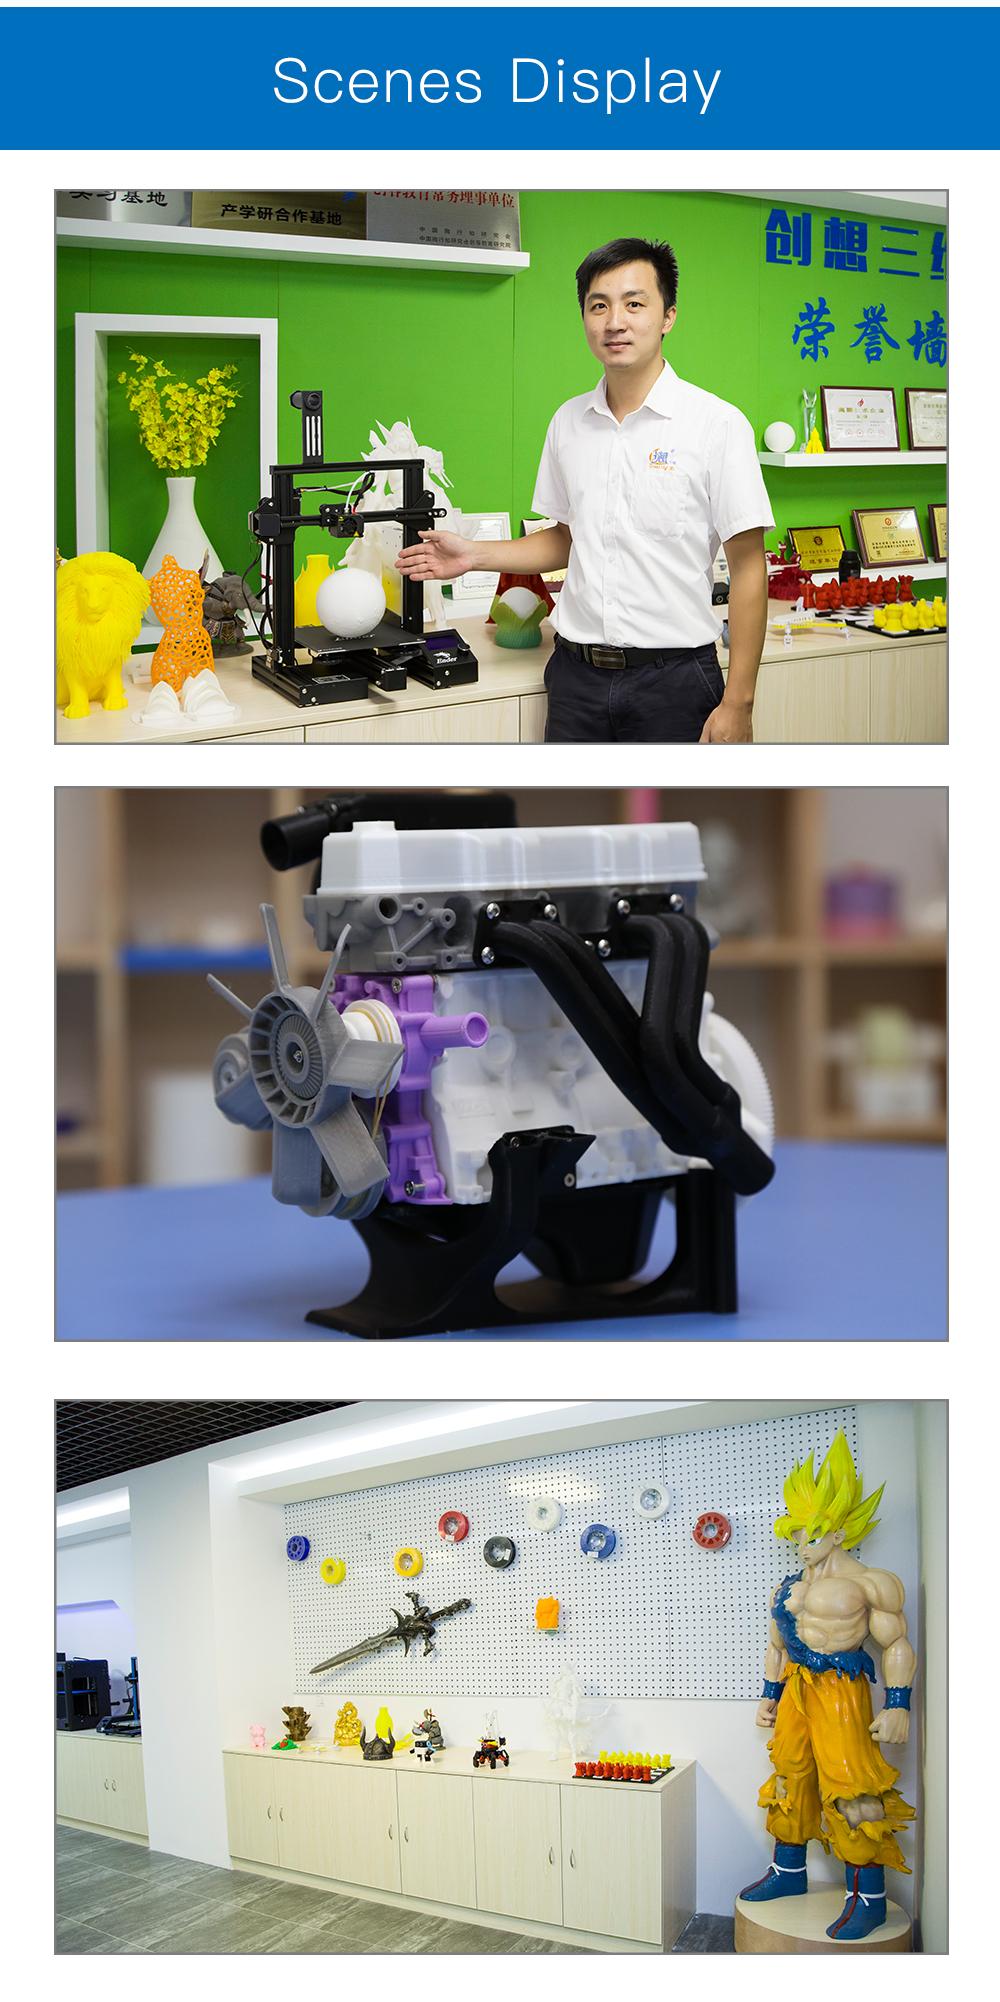 Creality3D Ender 3 Pro 3D-Drucker Bausatz - 220x220x250mm - Verschiedene 3D-gedruckte Bauteile